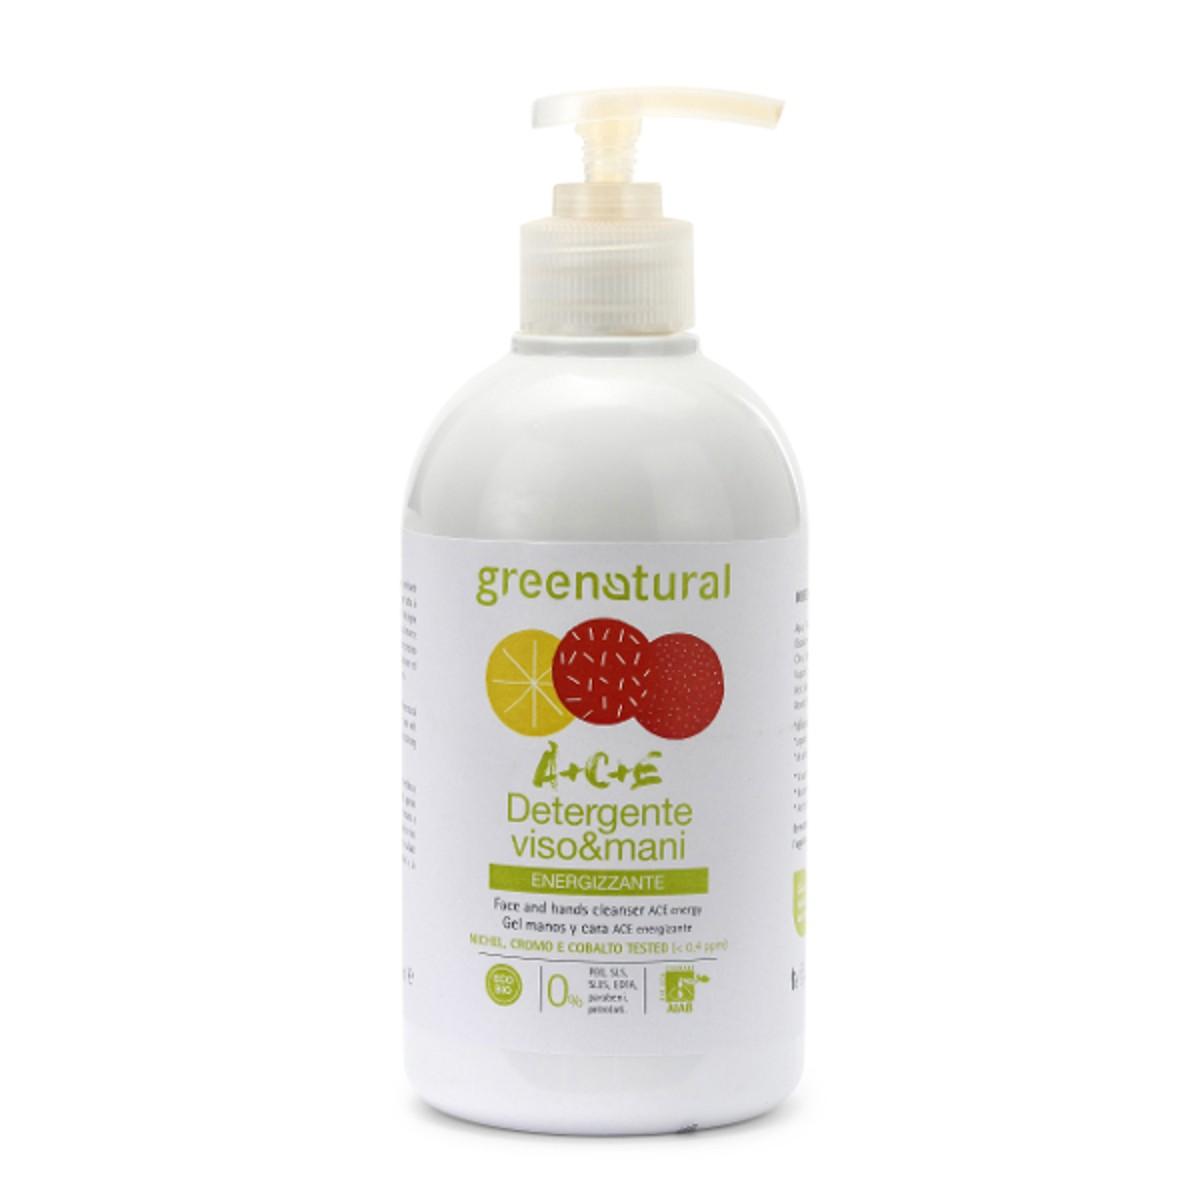 Detergente Mani E Viso Multivitamine A+c+e - 500 Ml